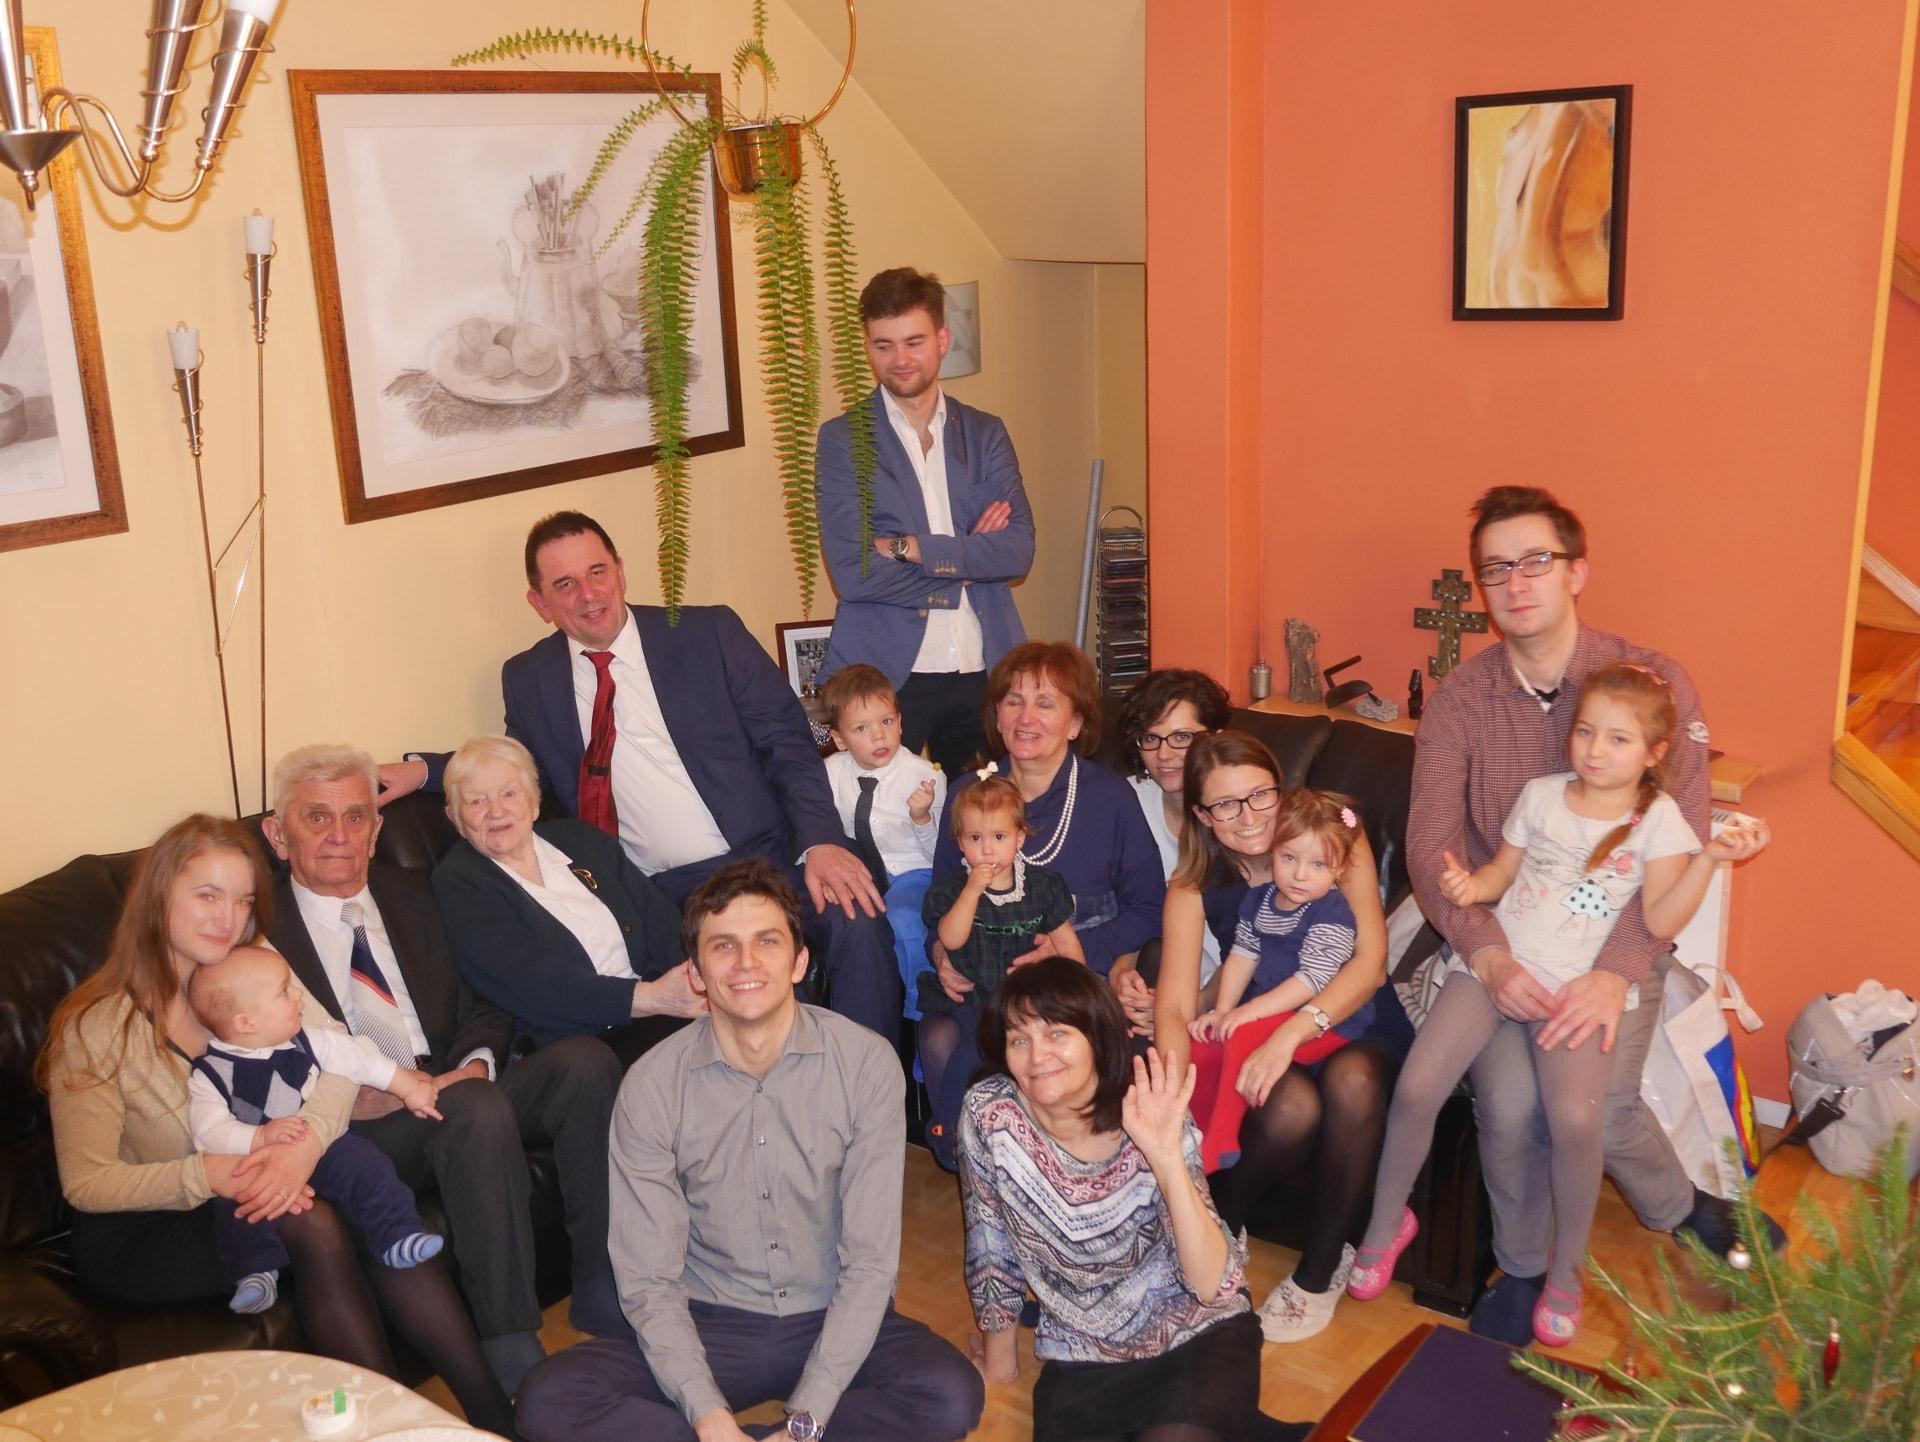 Dobrze mieć normalną rodzinę